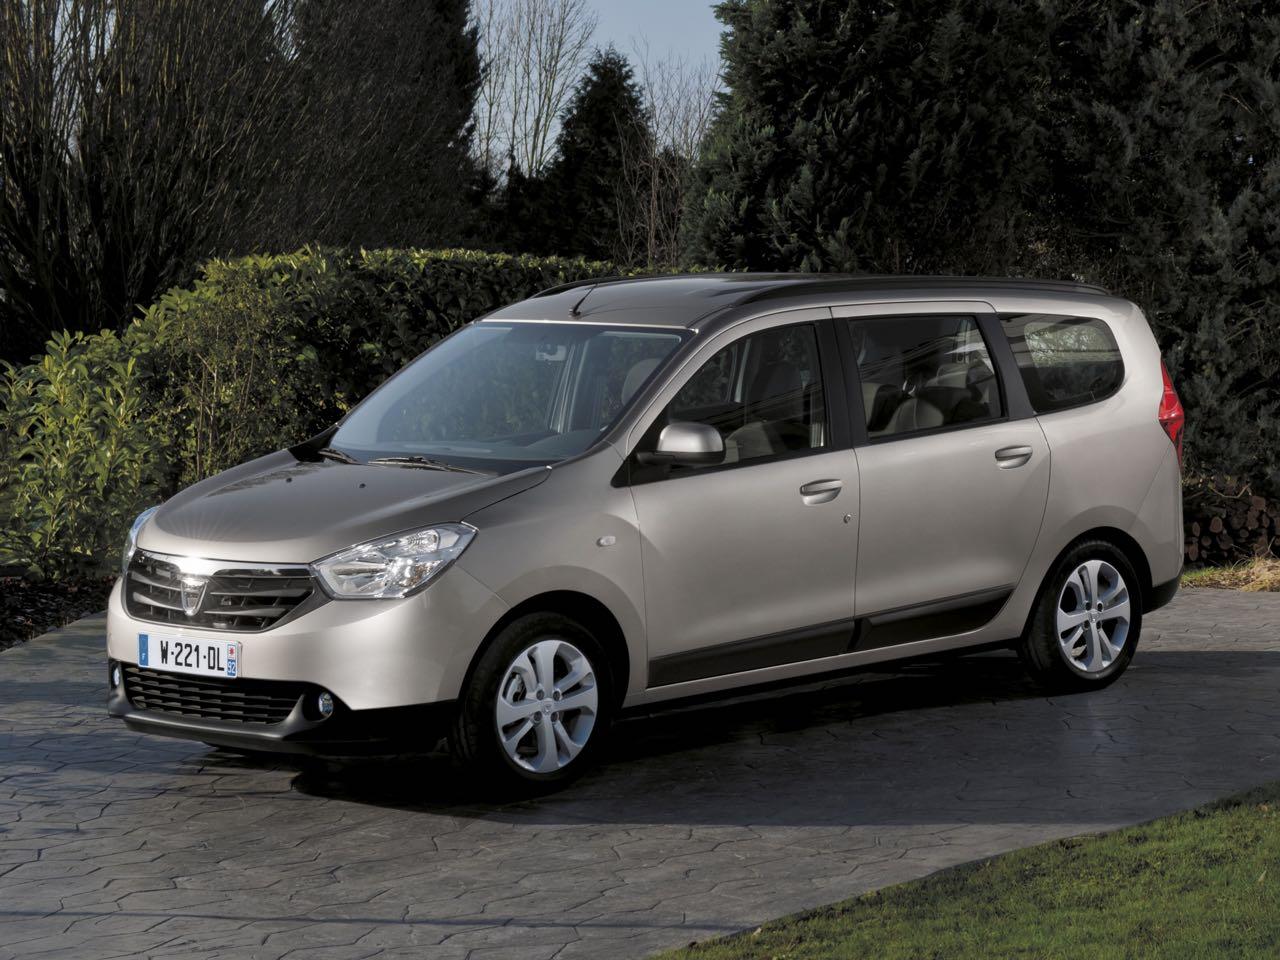 Dacia Lodgy 2012 lateral